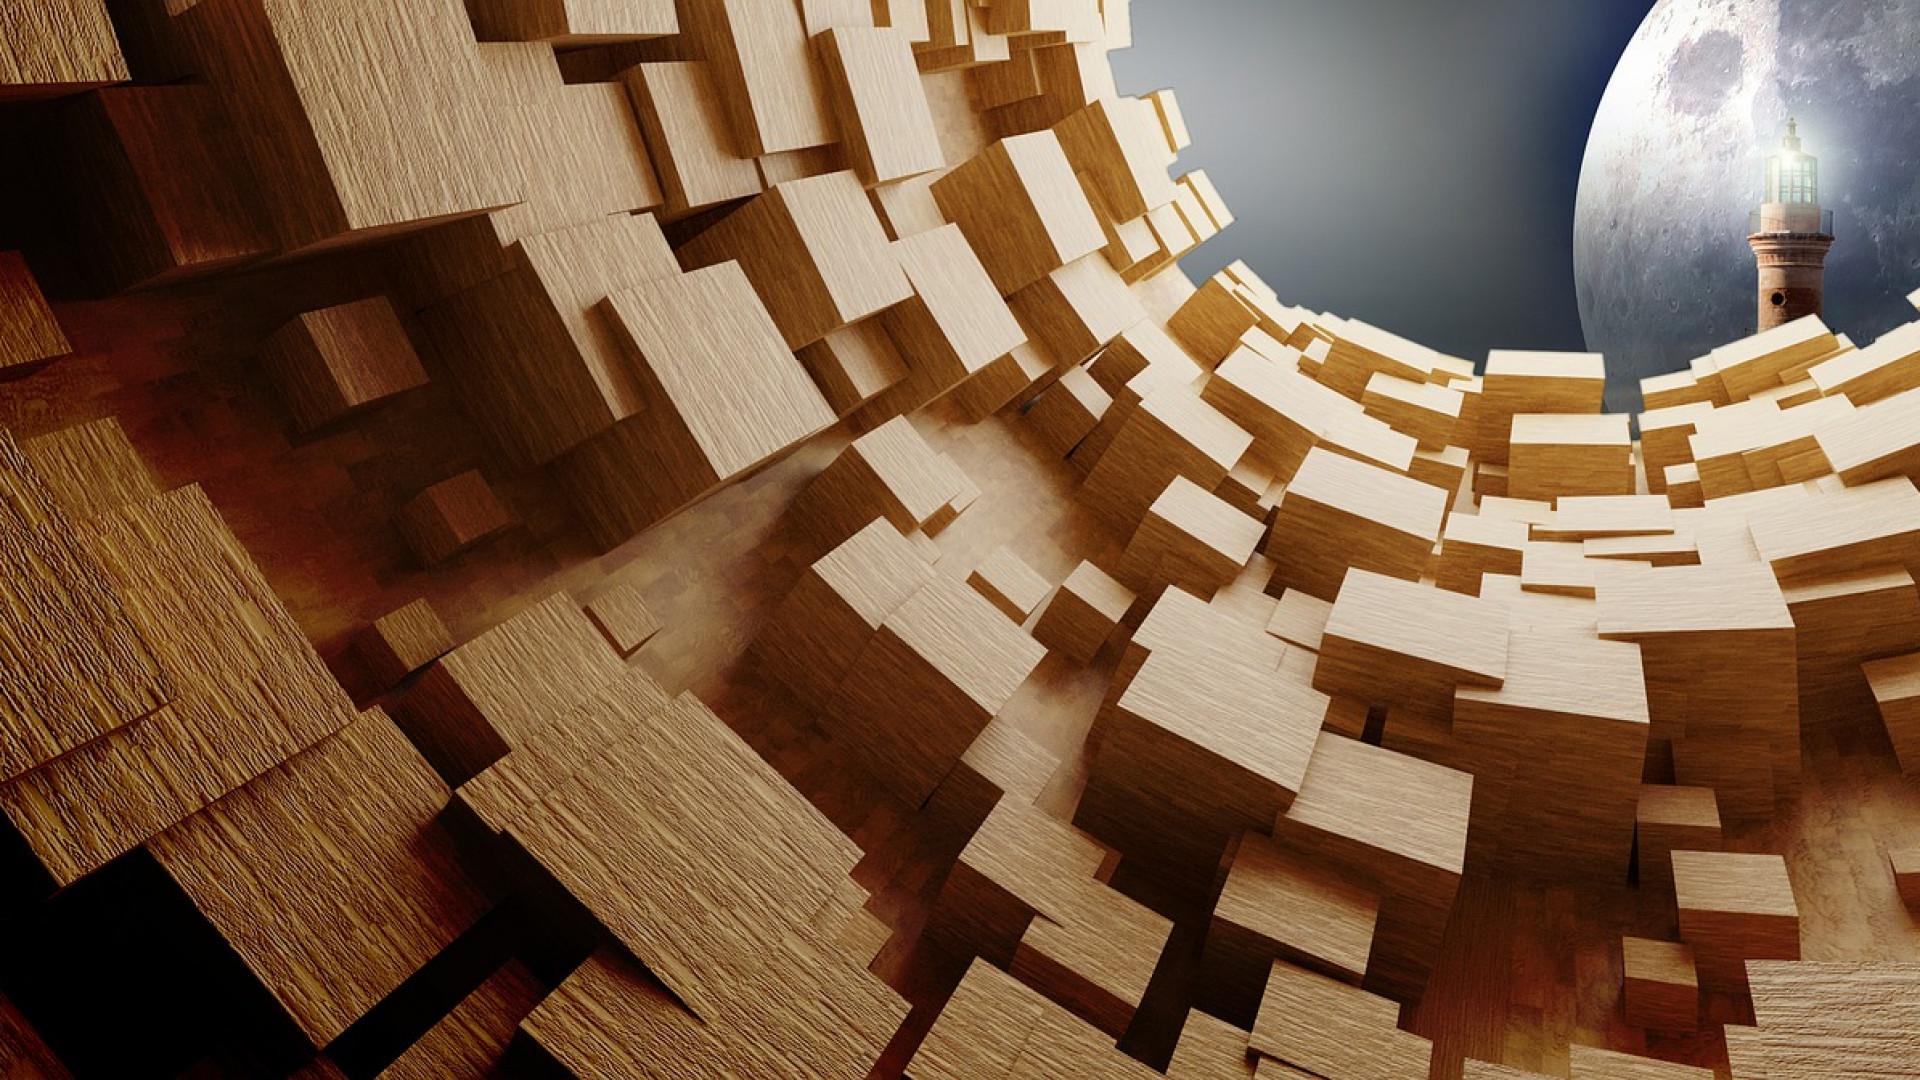 Quel logiciel de modélisation 3D choisir ?